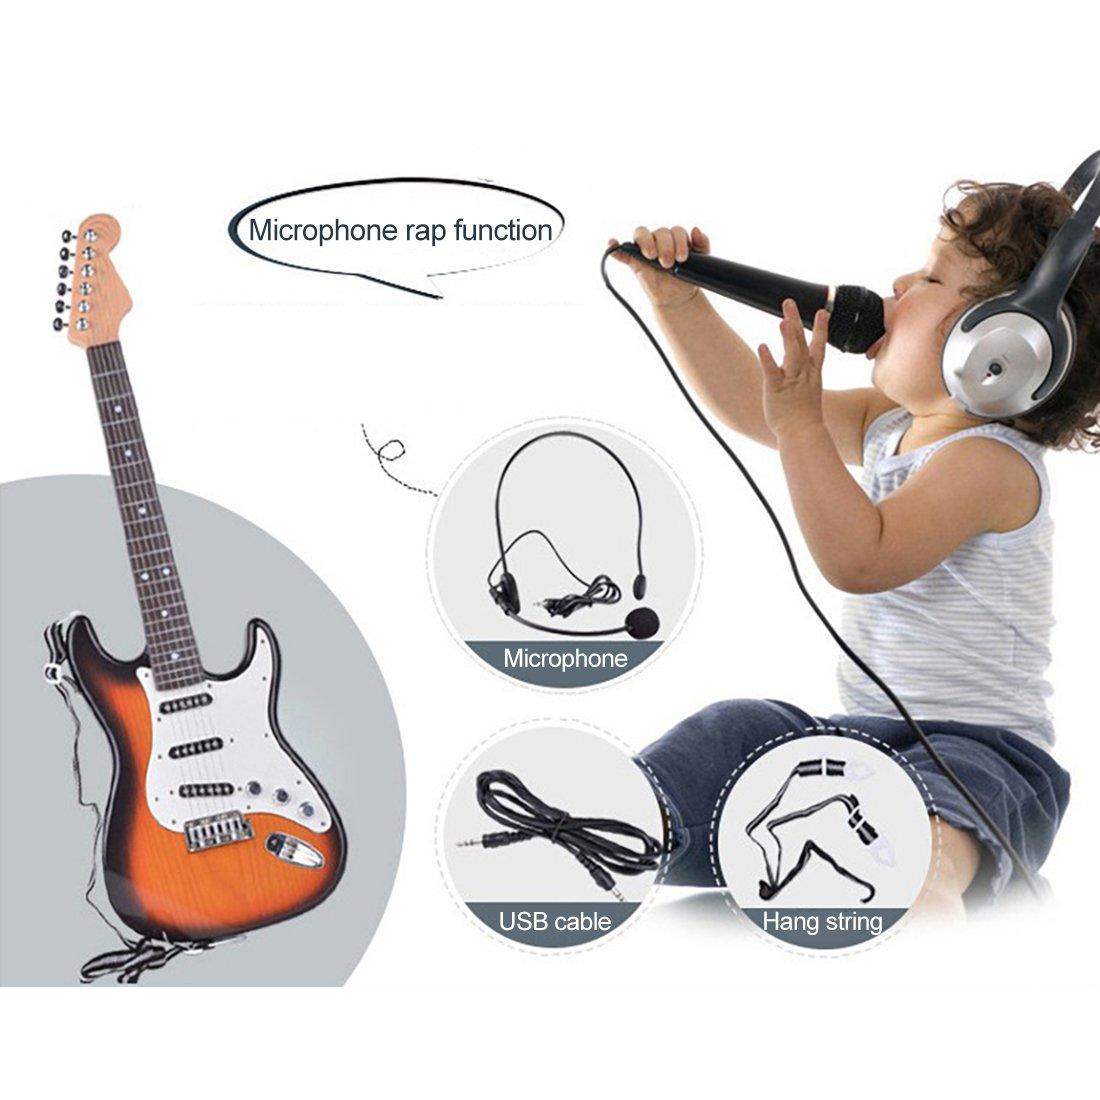 YAHAMA Guitare Enfant Jouet Euitare Micro Enfant Guitare Electrique Enfant 3 Ans